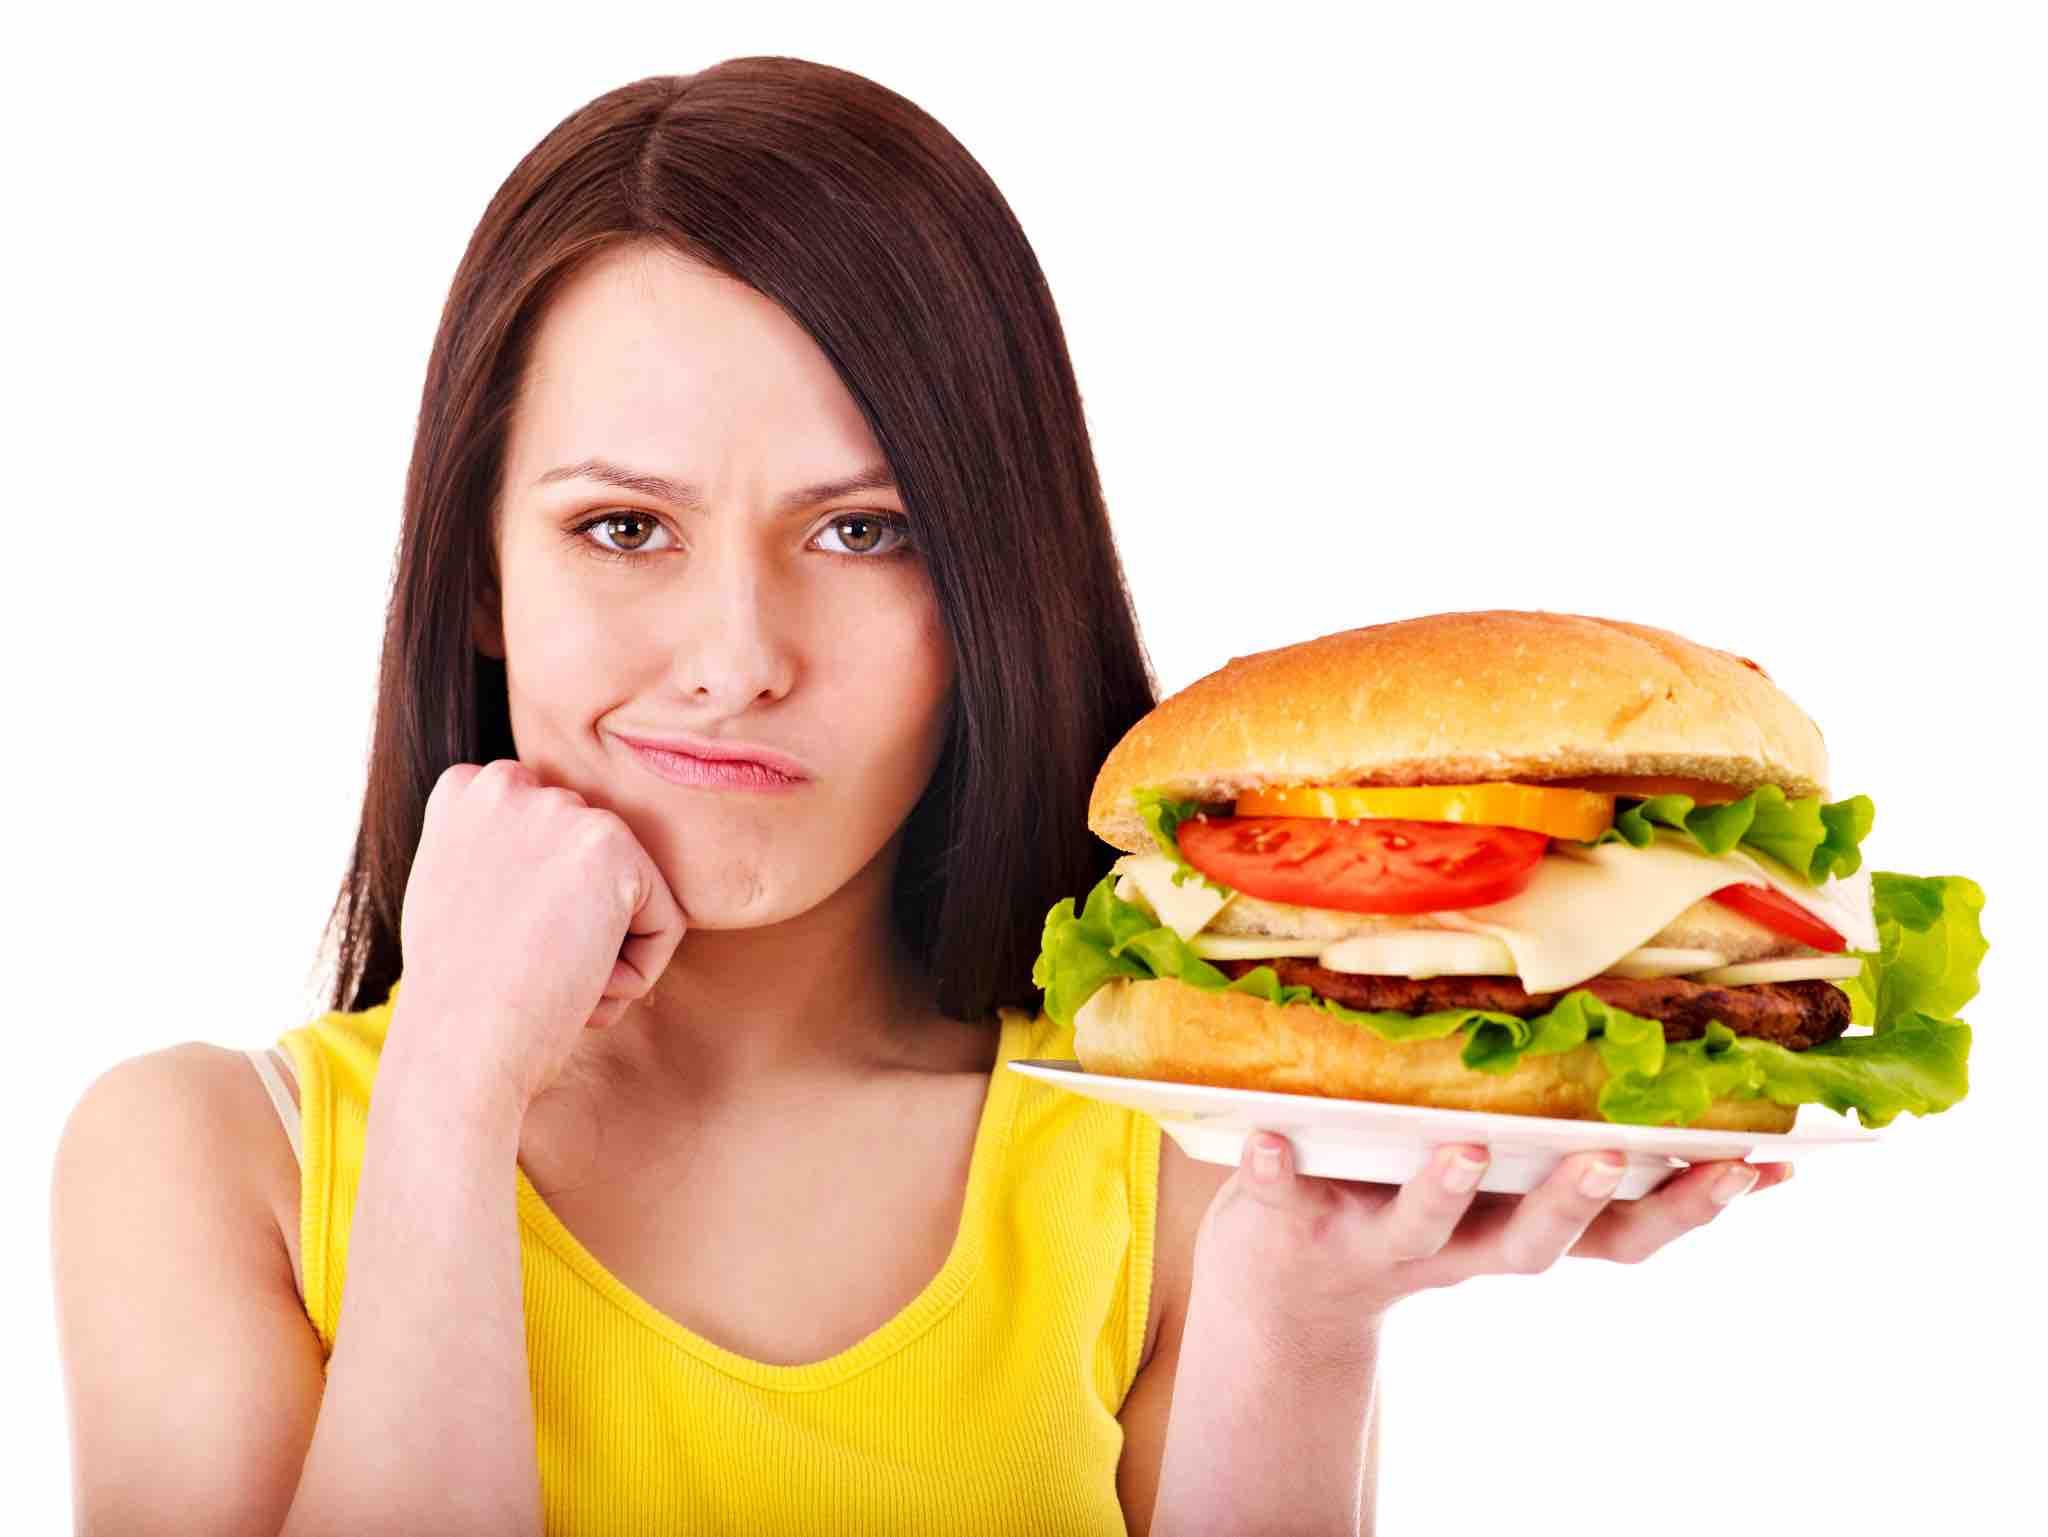 กินฟาสต์ฟู้ด อ้วนไหม ? วิธีการฟาสต์ฟู้ดไม่ให้อ้วนในช่วงลดน้ำหนัก